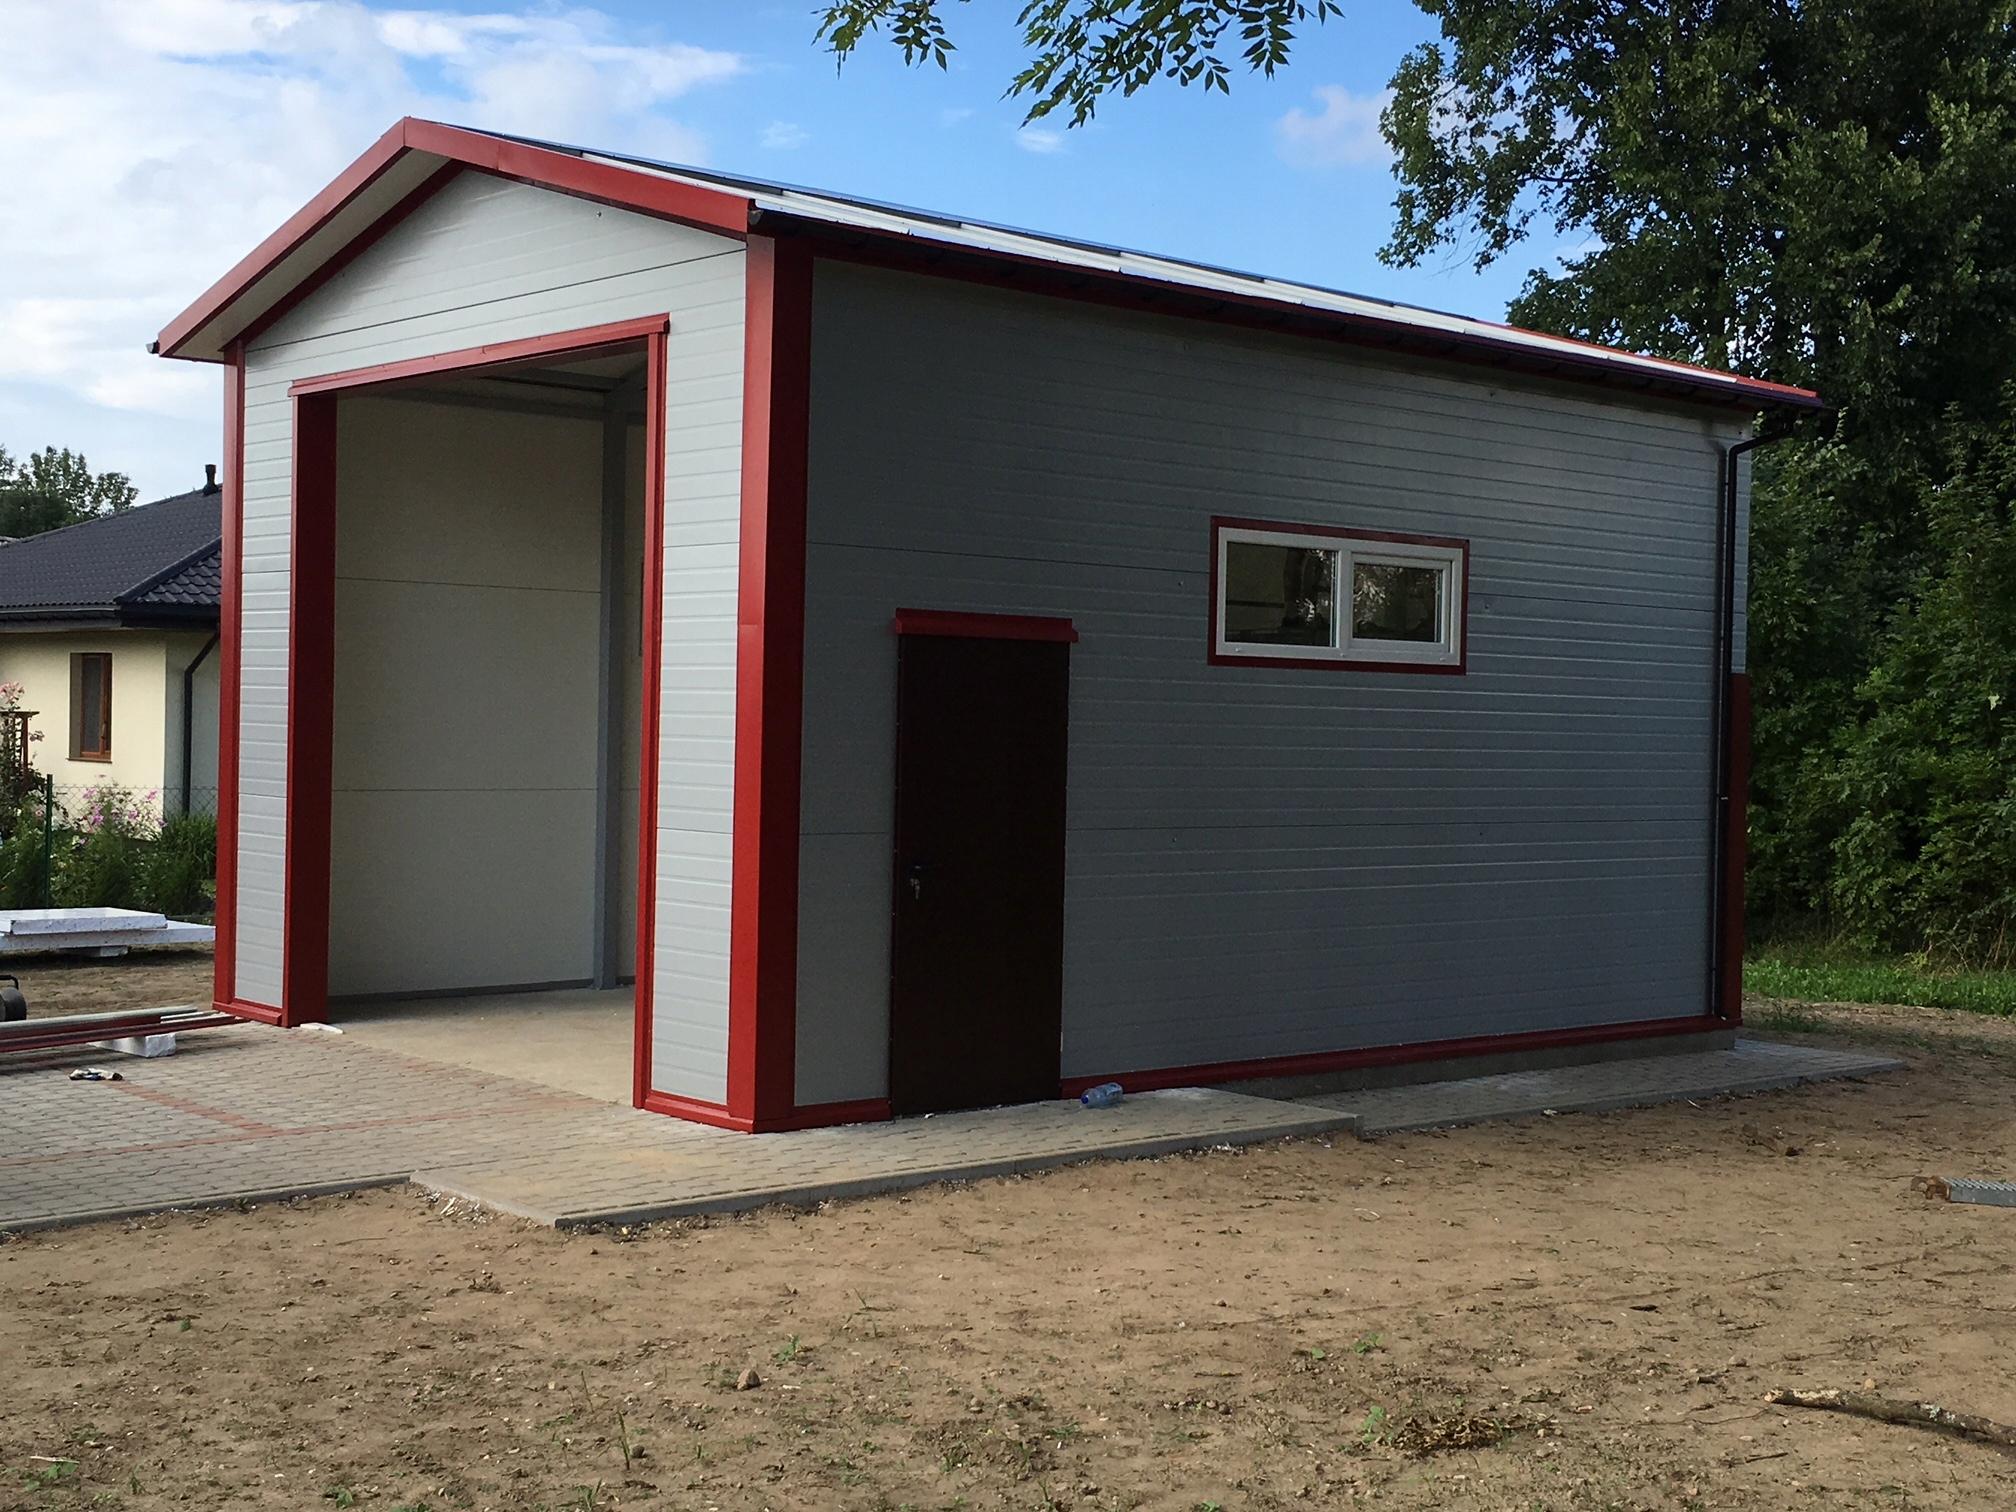 garaź ocieplony 35m2 płyta warstwowa garaże